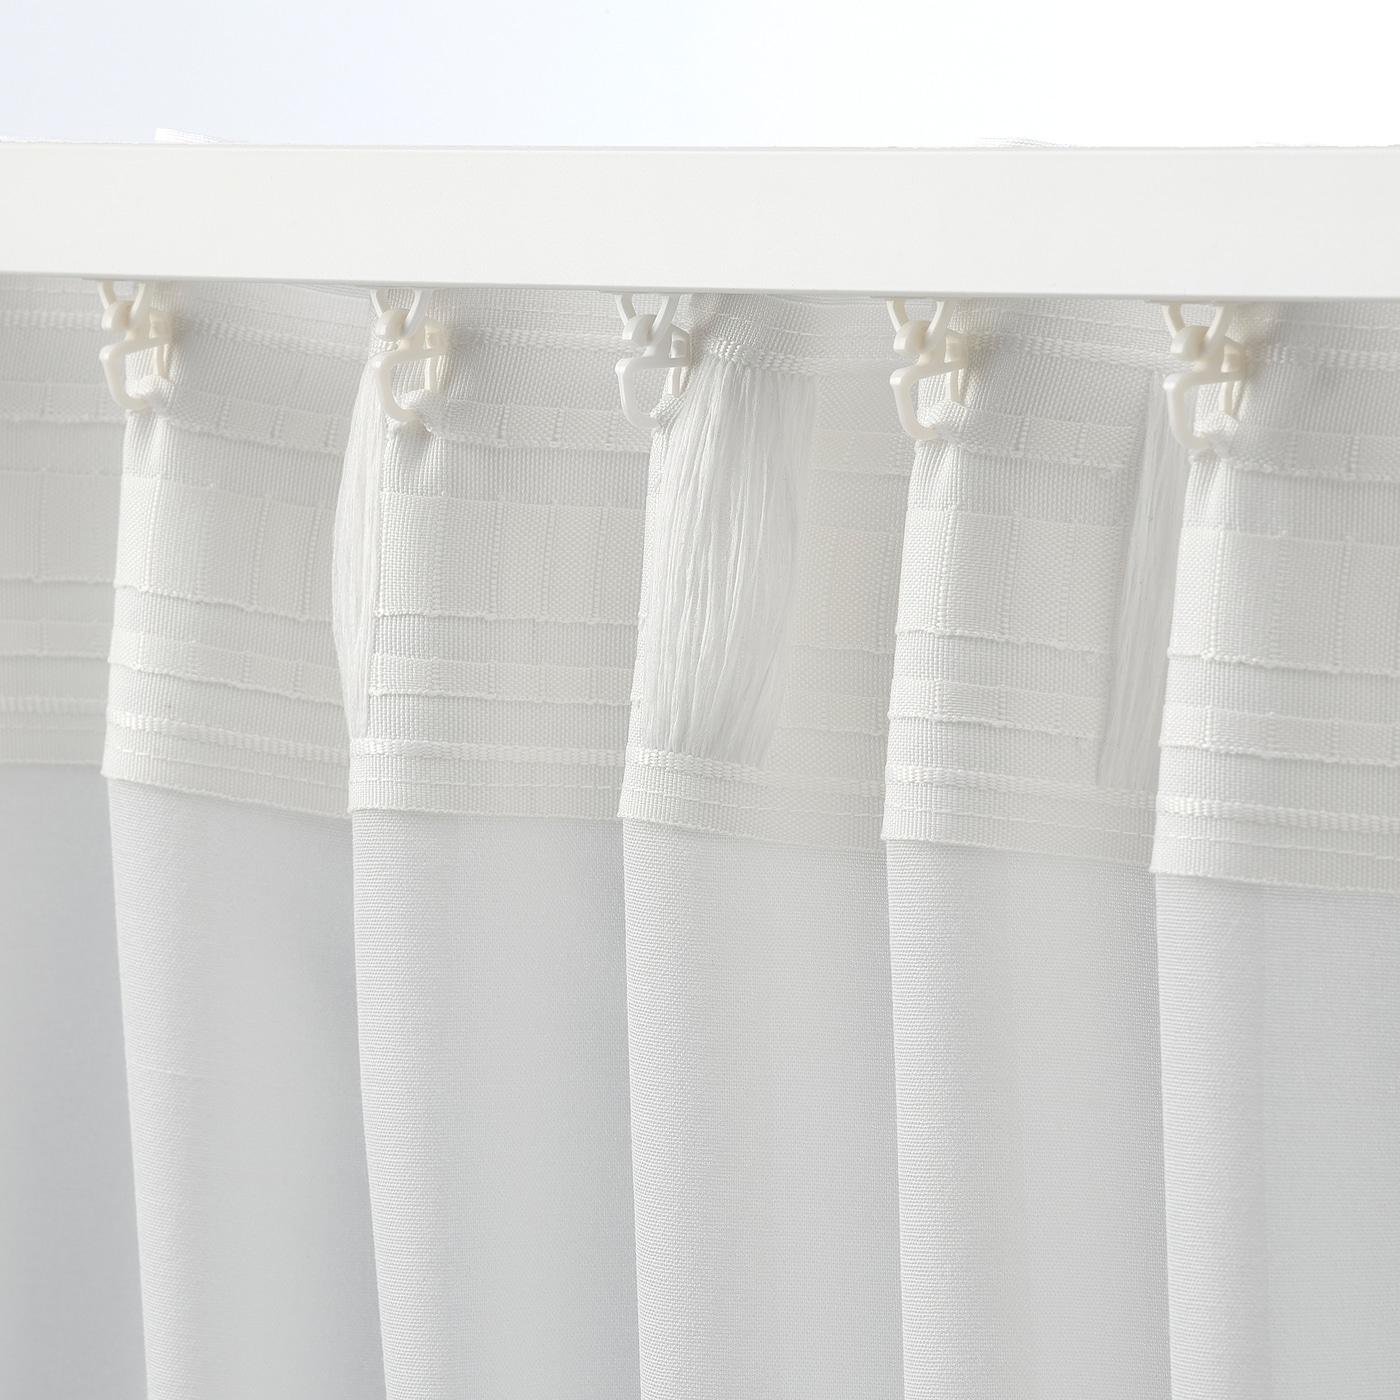 HILJA Függönypár, fehér, 145x300 cm IKEA